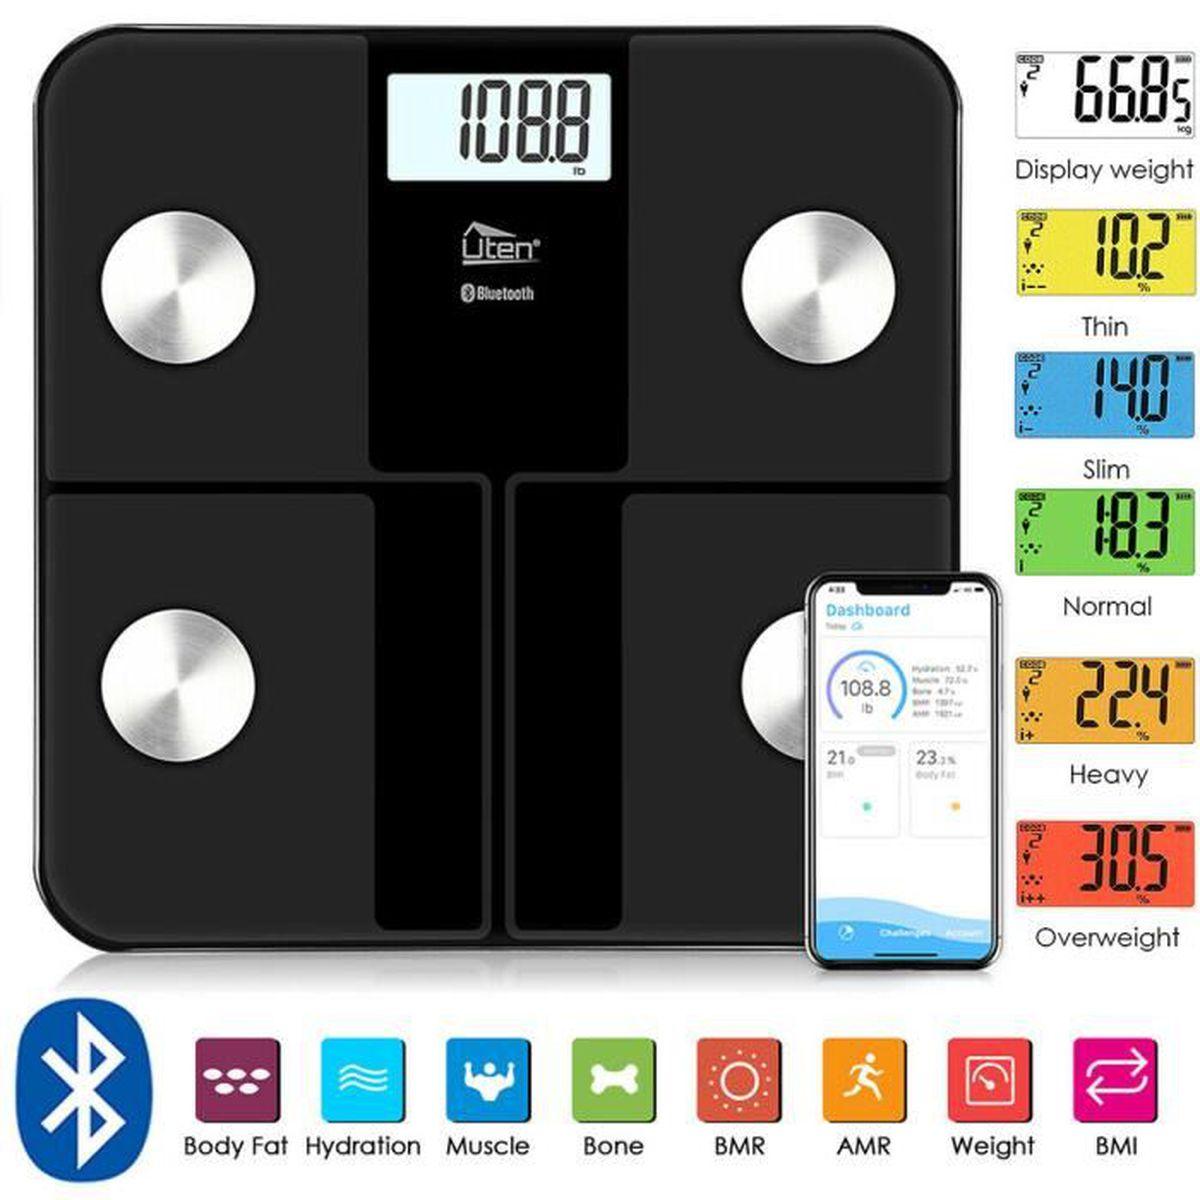 PÈSE-PERSONNE Uten 180KG Pèse Personne LCD Bluetooth Connectée M